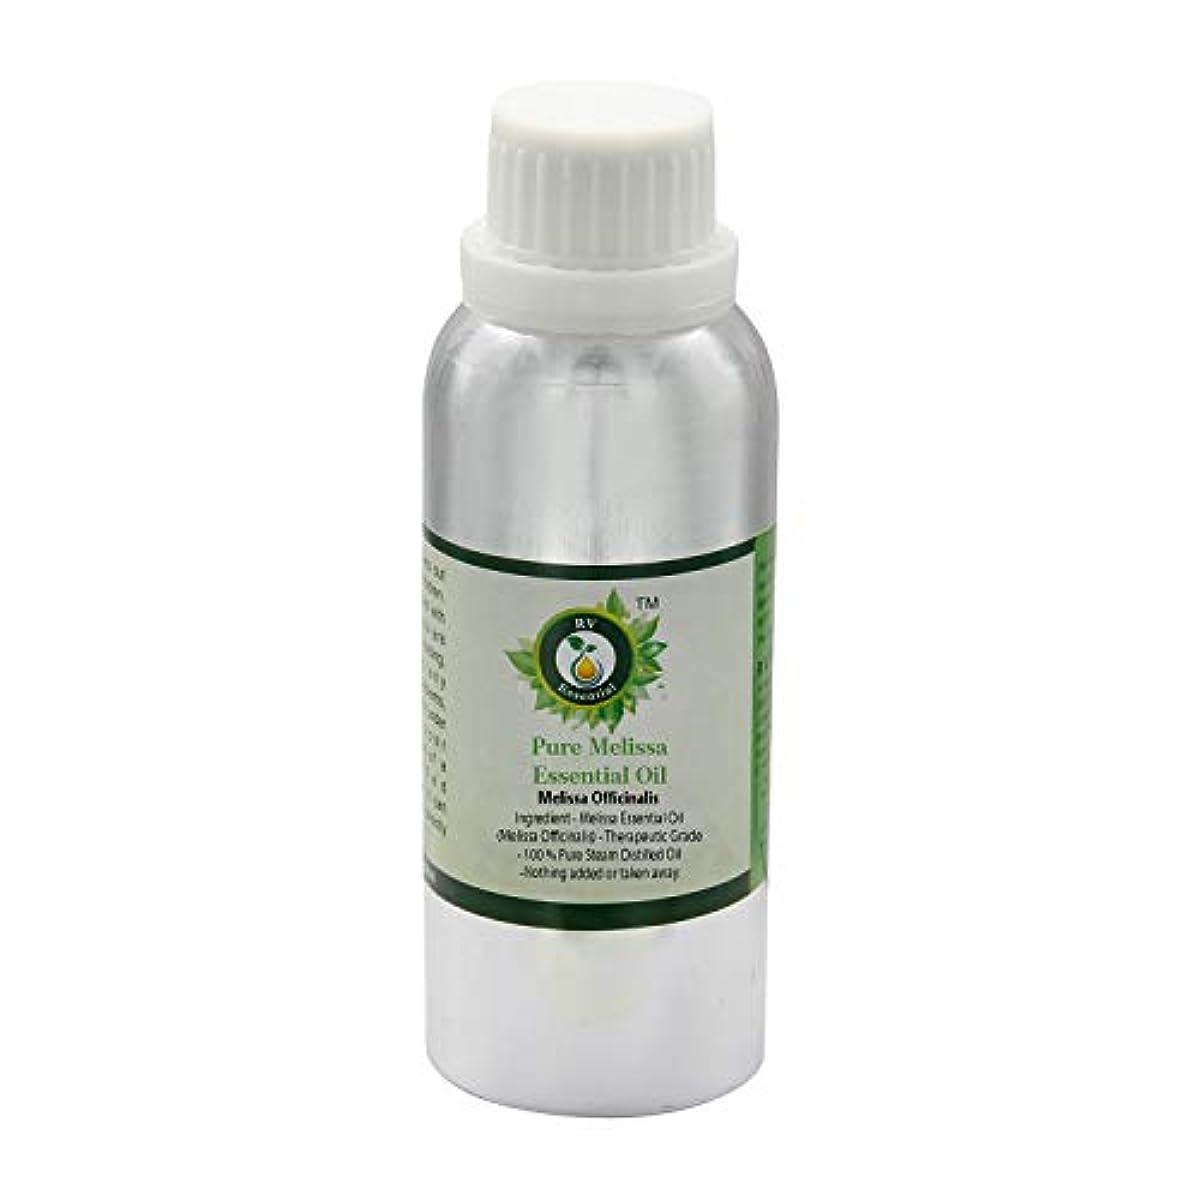 ページピッチャー実業家ピュアエッセンシャルオイルメリッサ630ml (21oz)- Melissa Officinalis (100%純粋&天然スチームDistilled) Pure Melissa Essential Oil